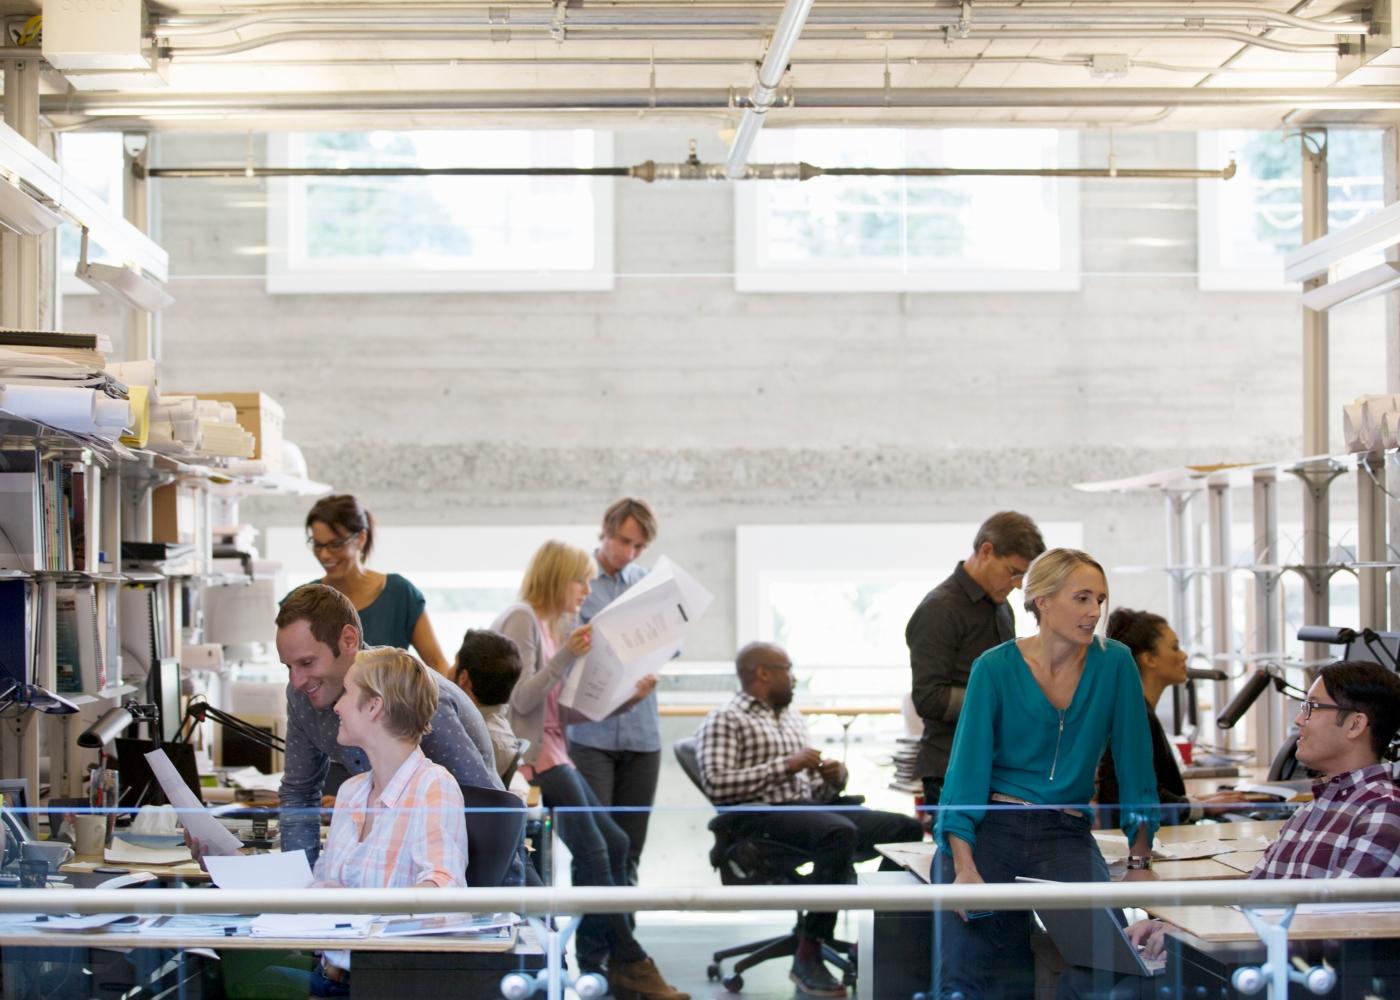 pessoal a trabalhar num escritório